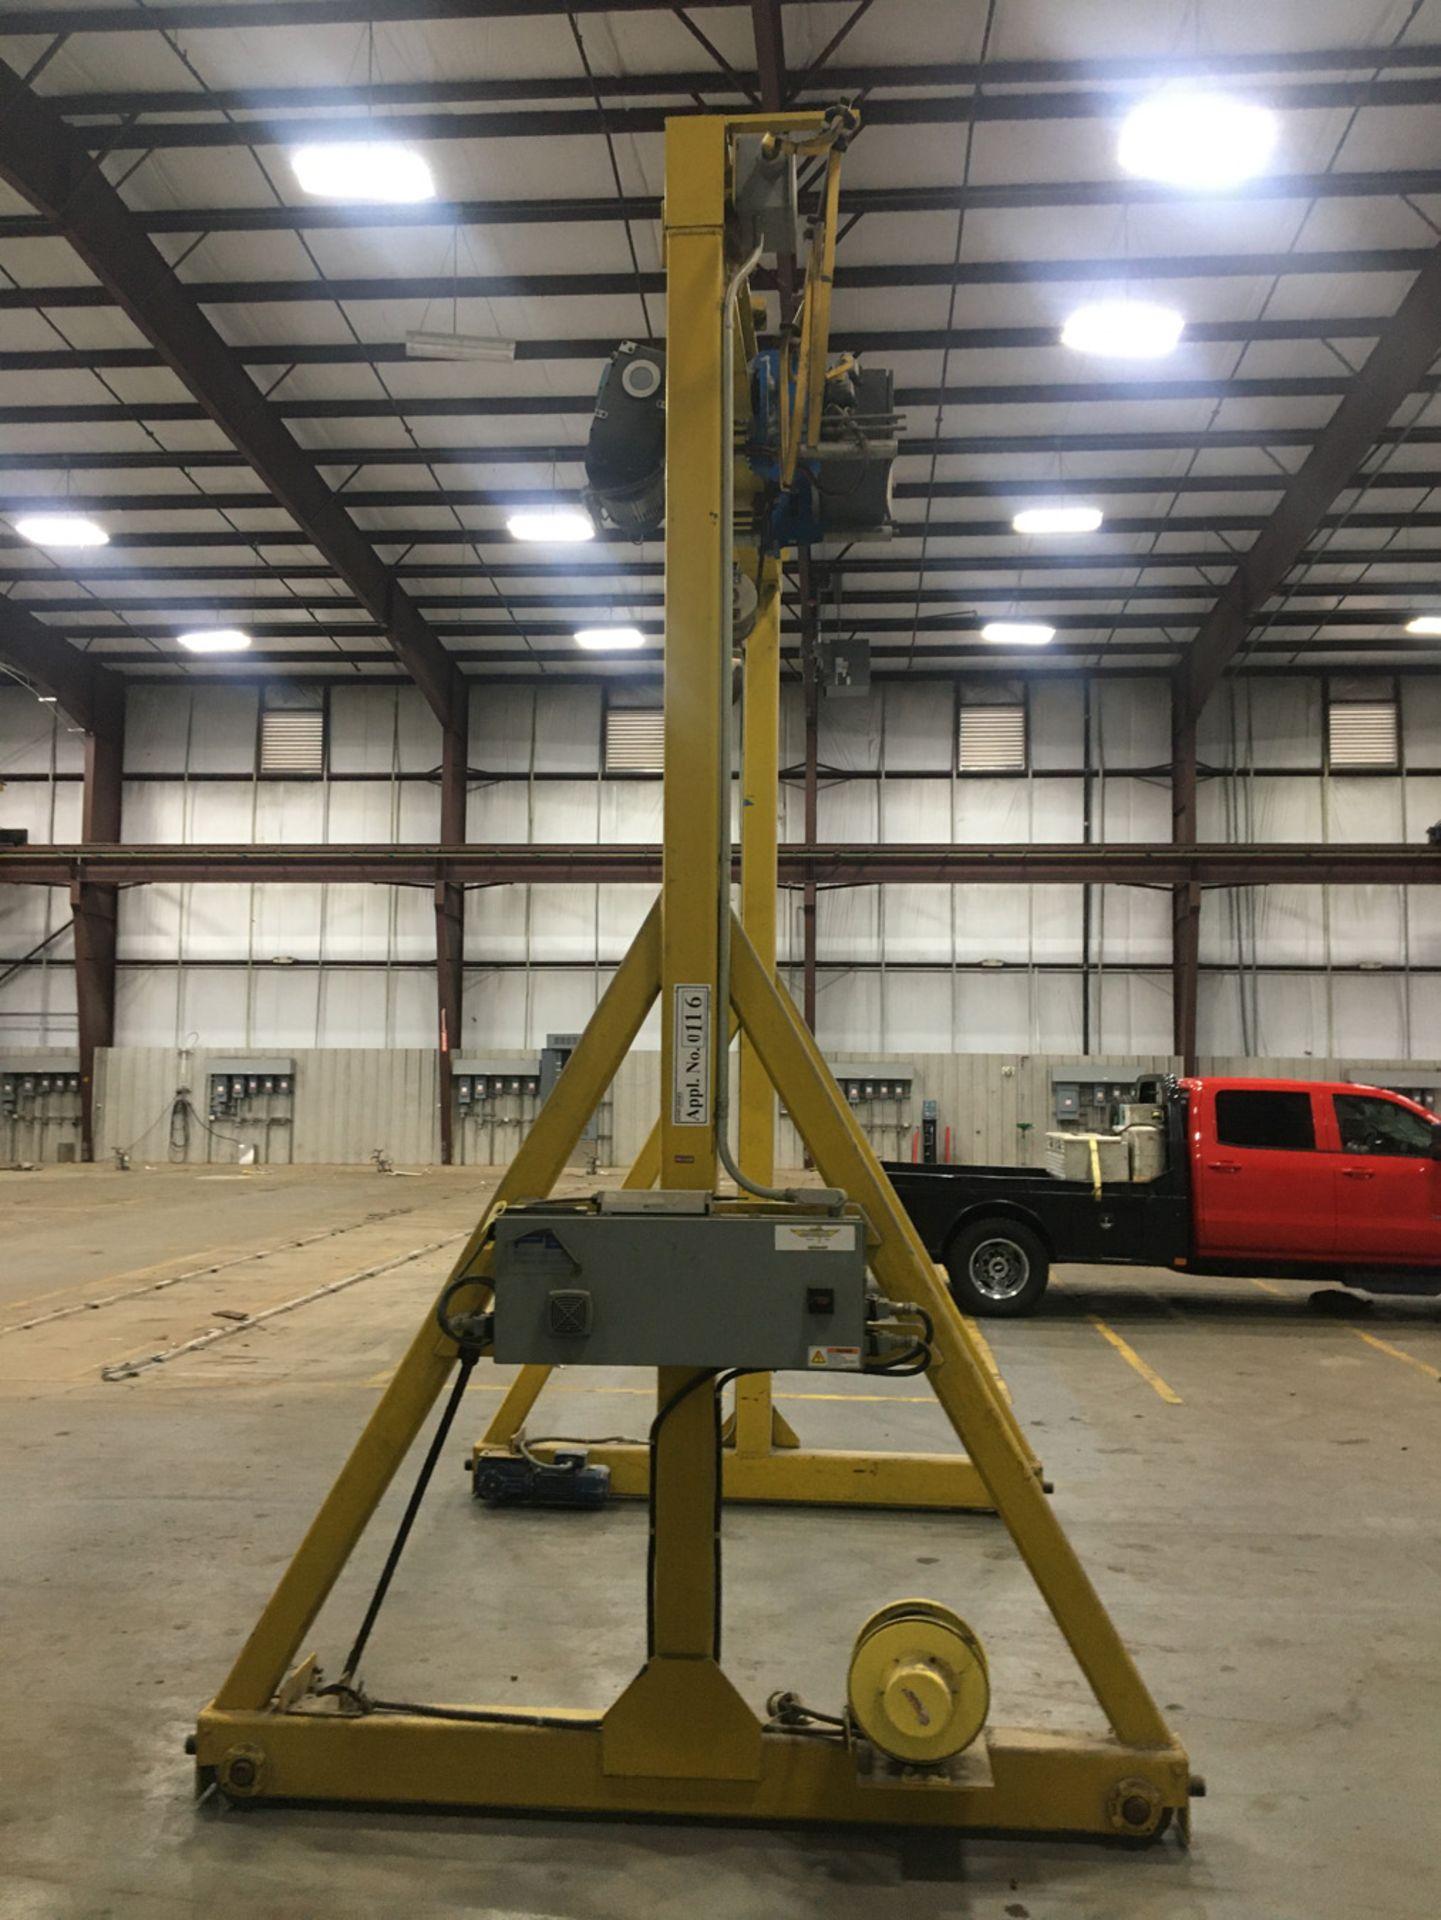 A Frame Crane - Image 4 of 5